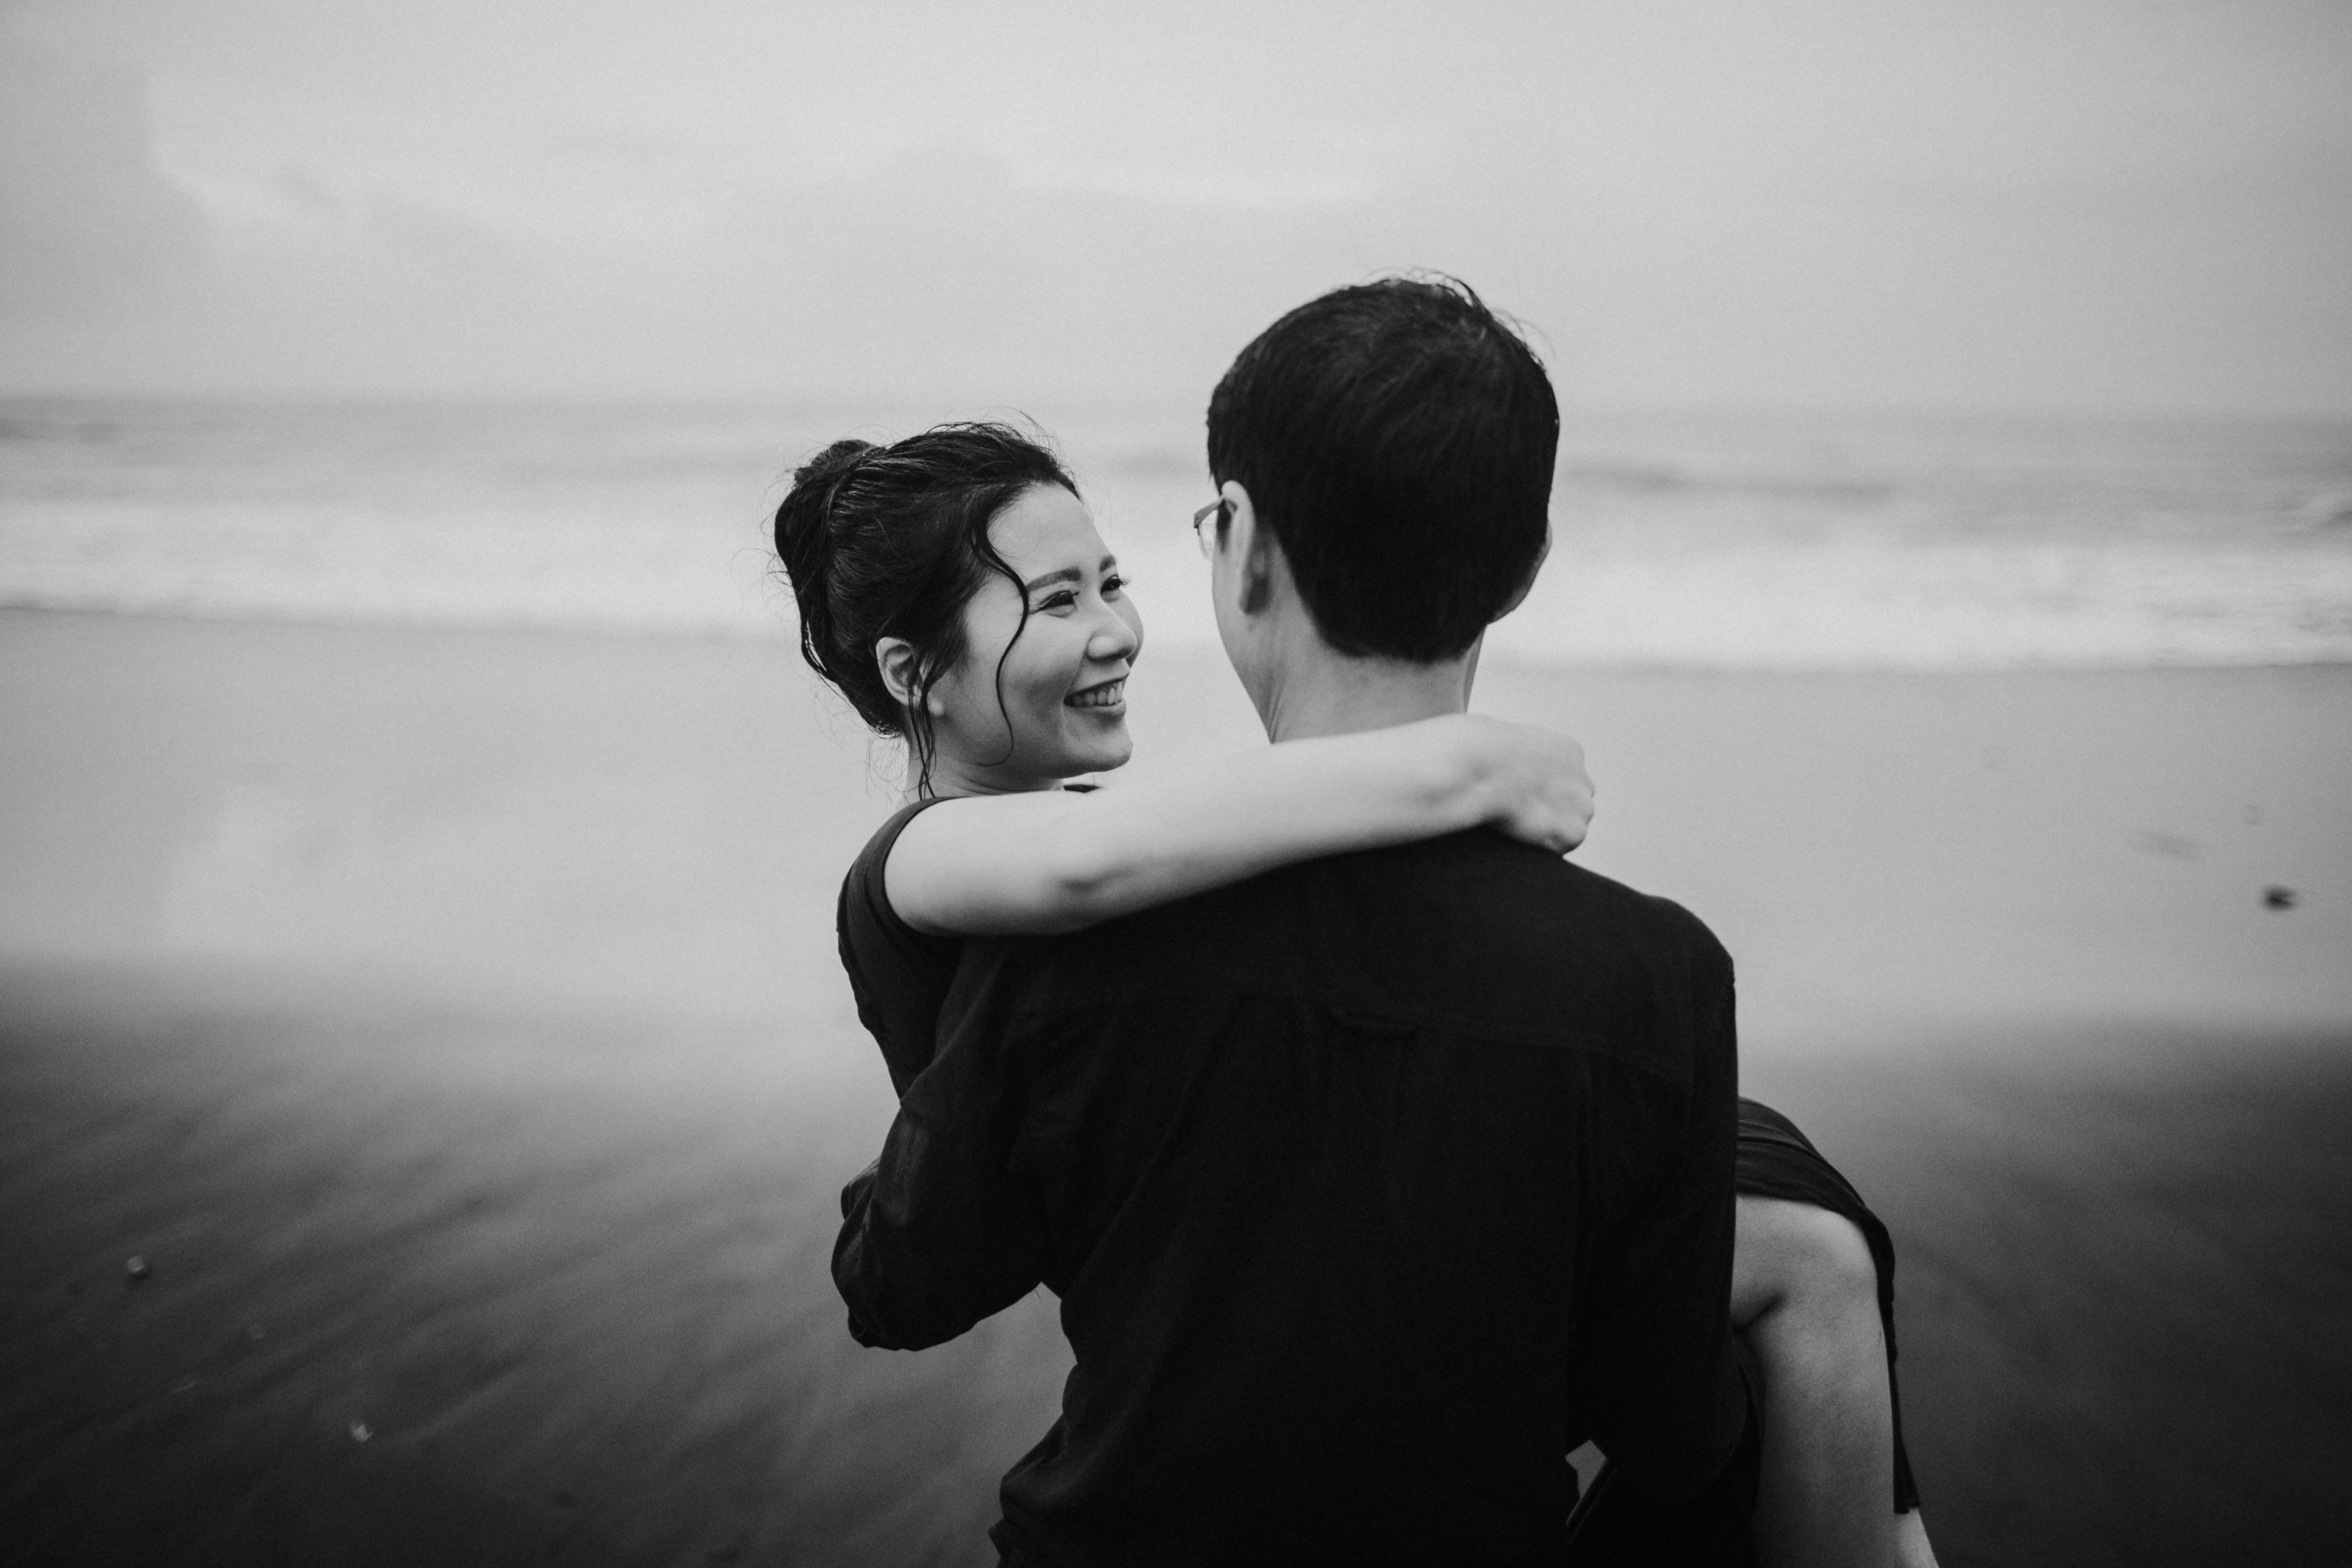 Φίνα dating φιλικό πρότυπο ιστοσελίδα γνωριμιών